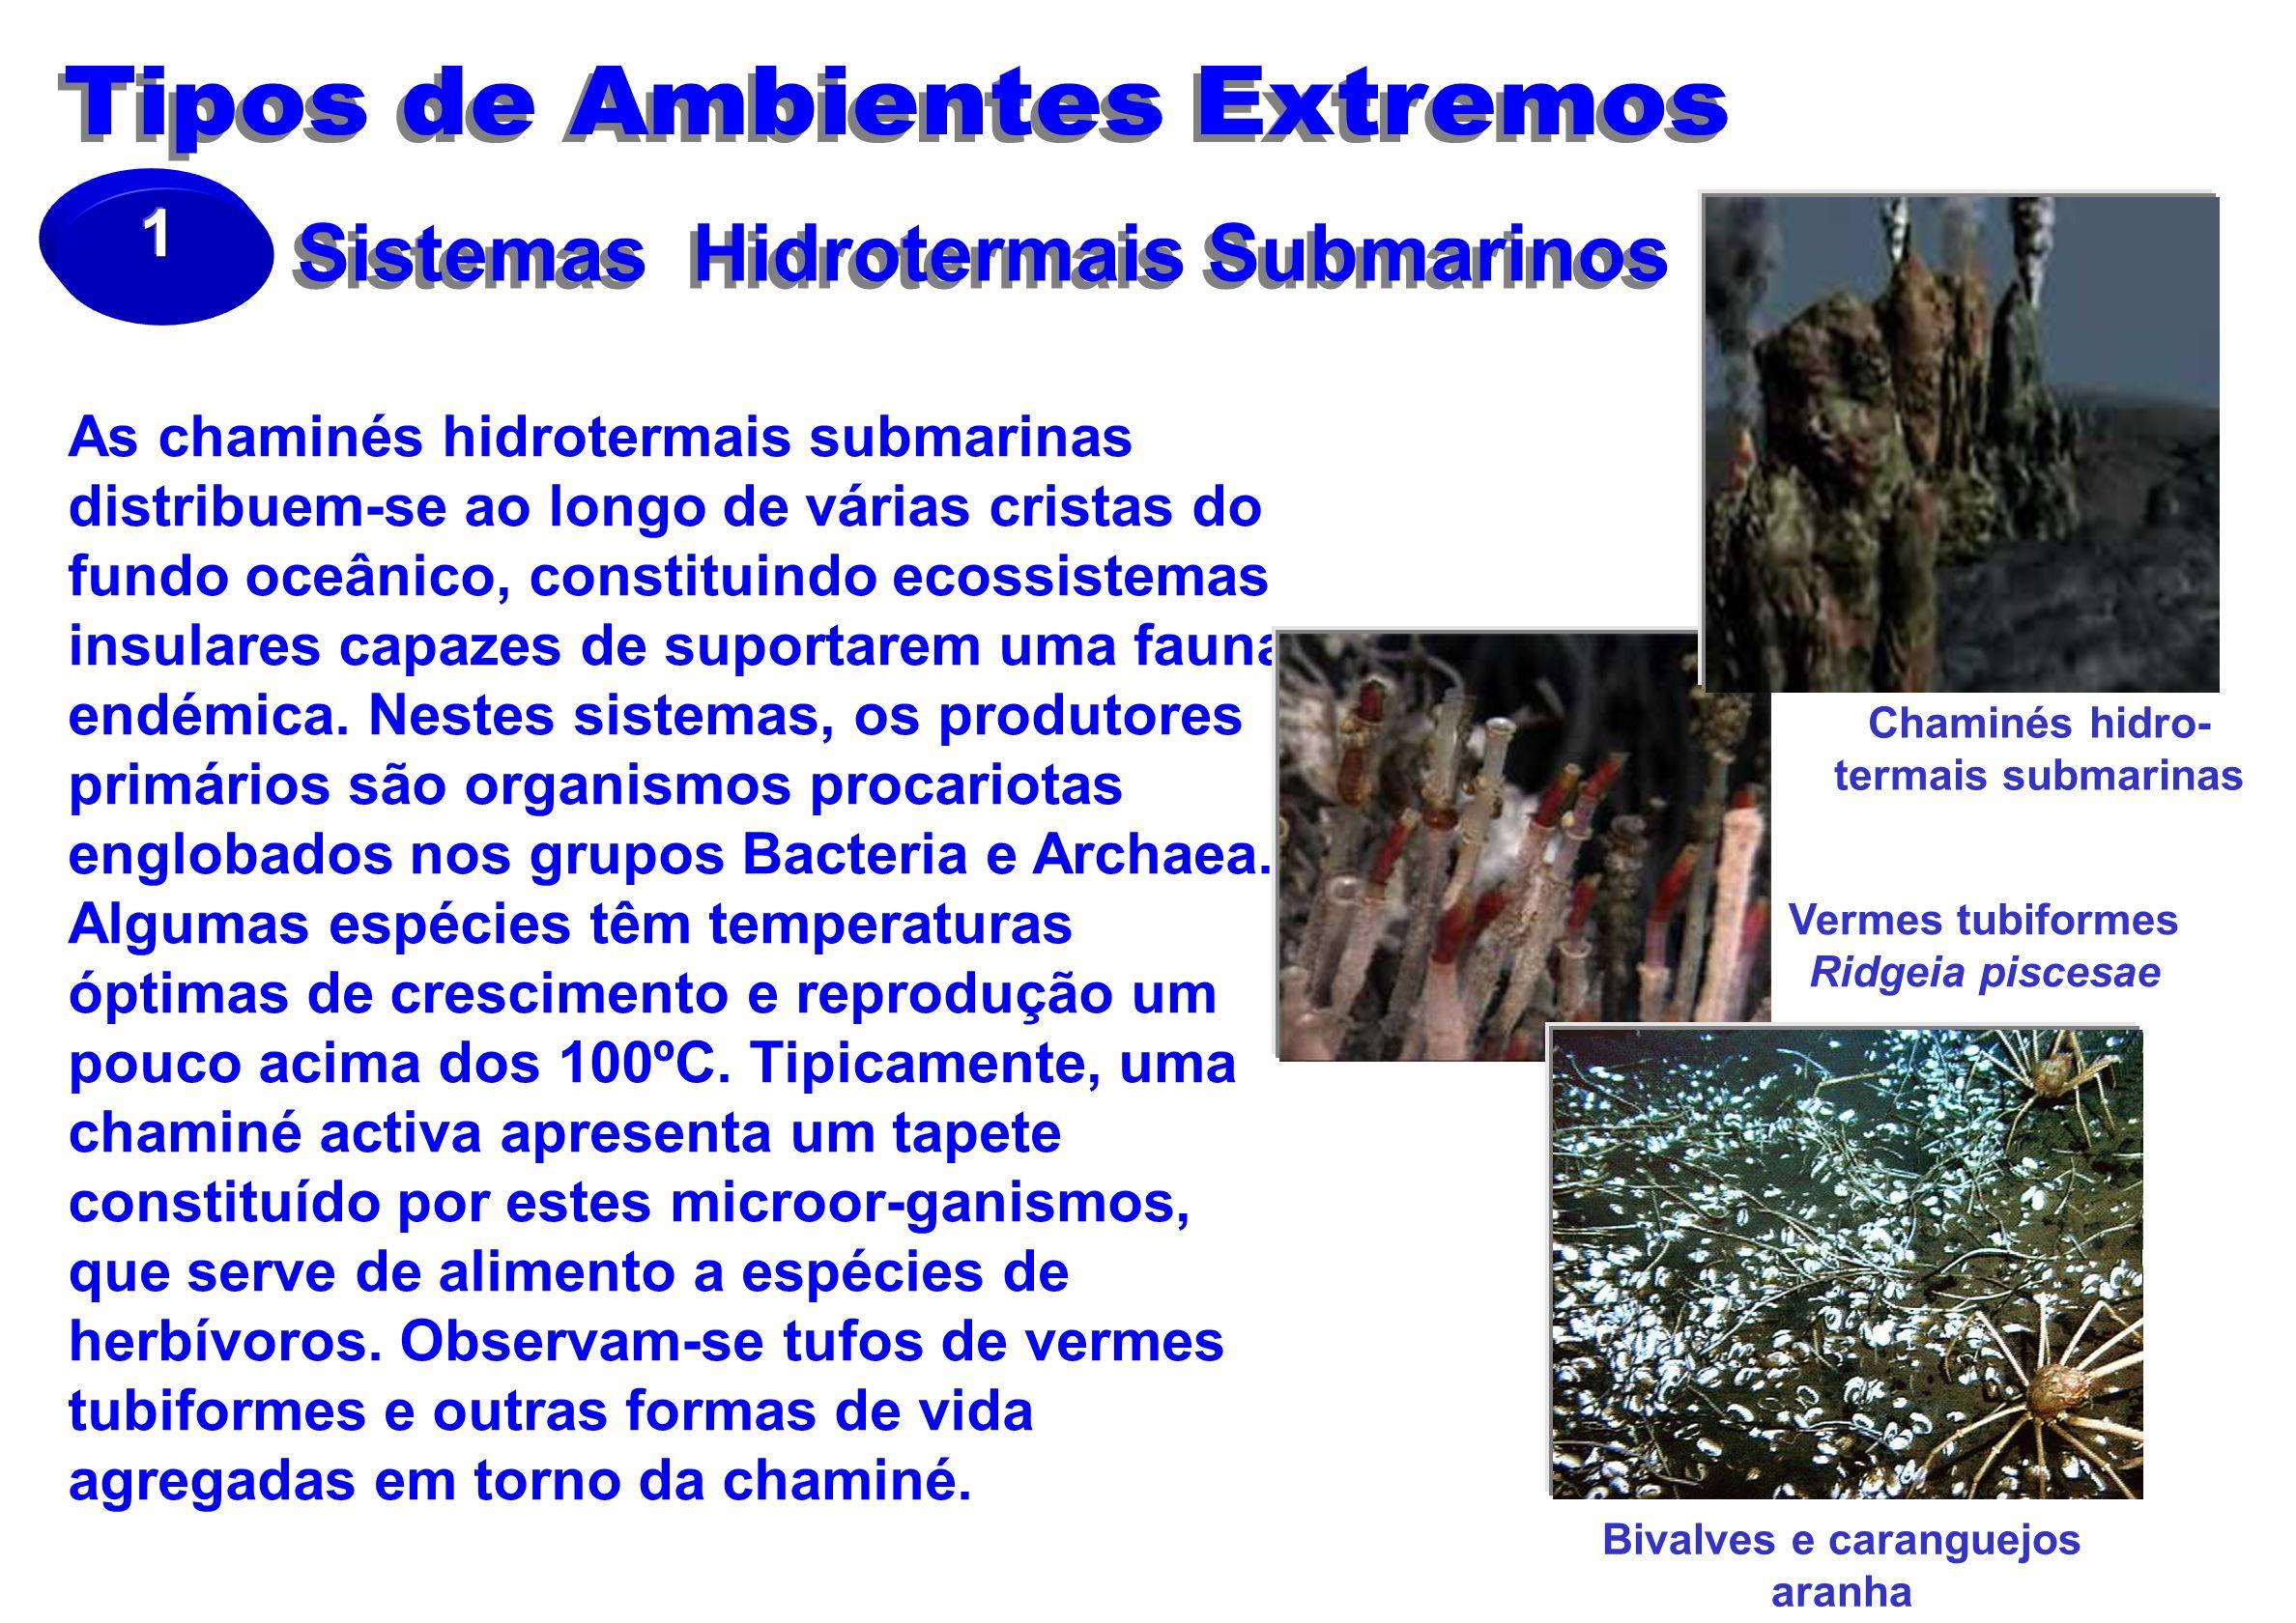 Sistemas Hidrotermais Submarinos As chaminés hidrotermais submarinas distribuem-se ao longo de várias cristas do fundo oceânico, constituindo ecossistemas insulares capazes de suportarem uma fauna endémica.